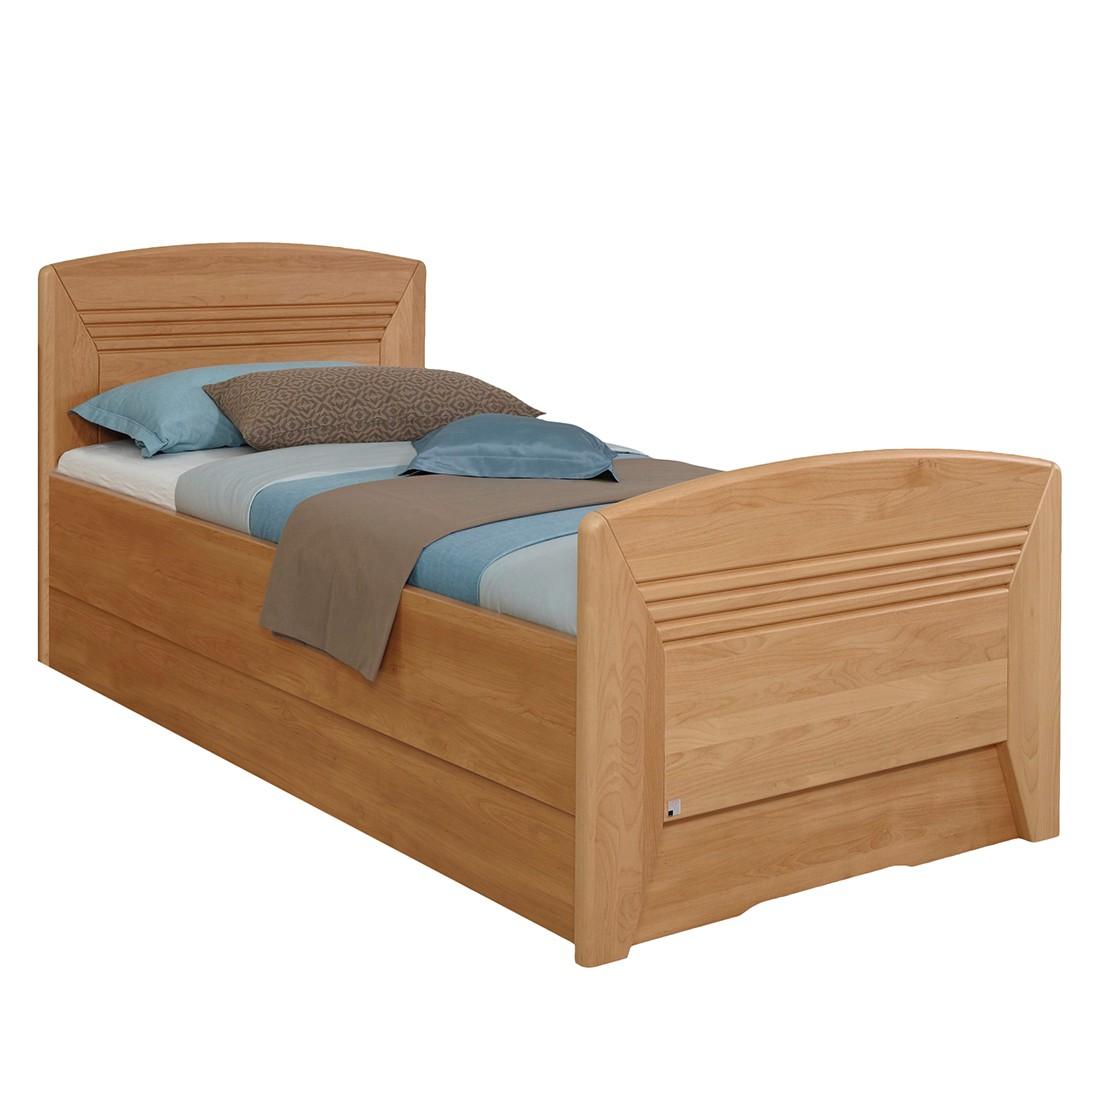 lit confort partiellement massif valerie i aulne 90 x 210cm pas de. Black Bedroom Furniture Sets. Home Design Ideas